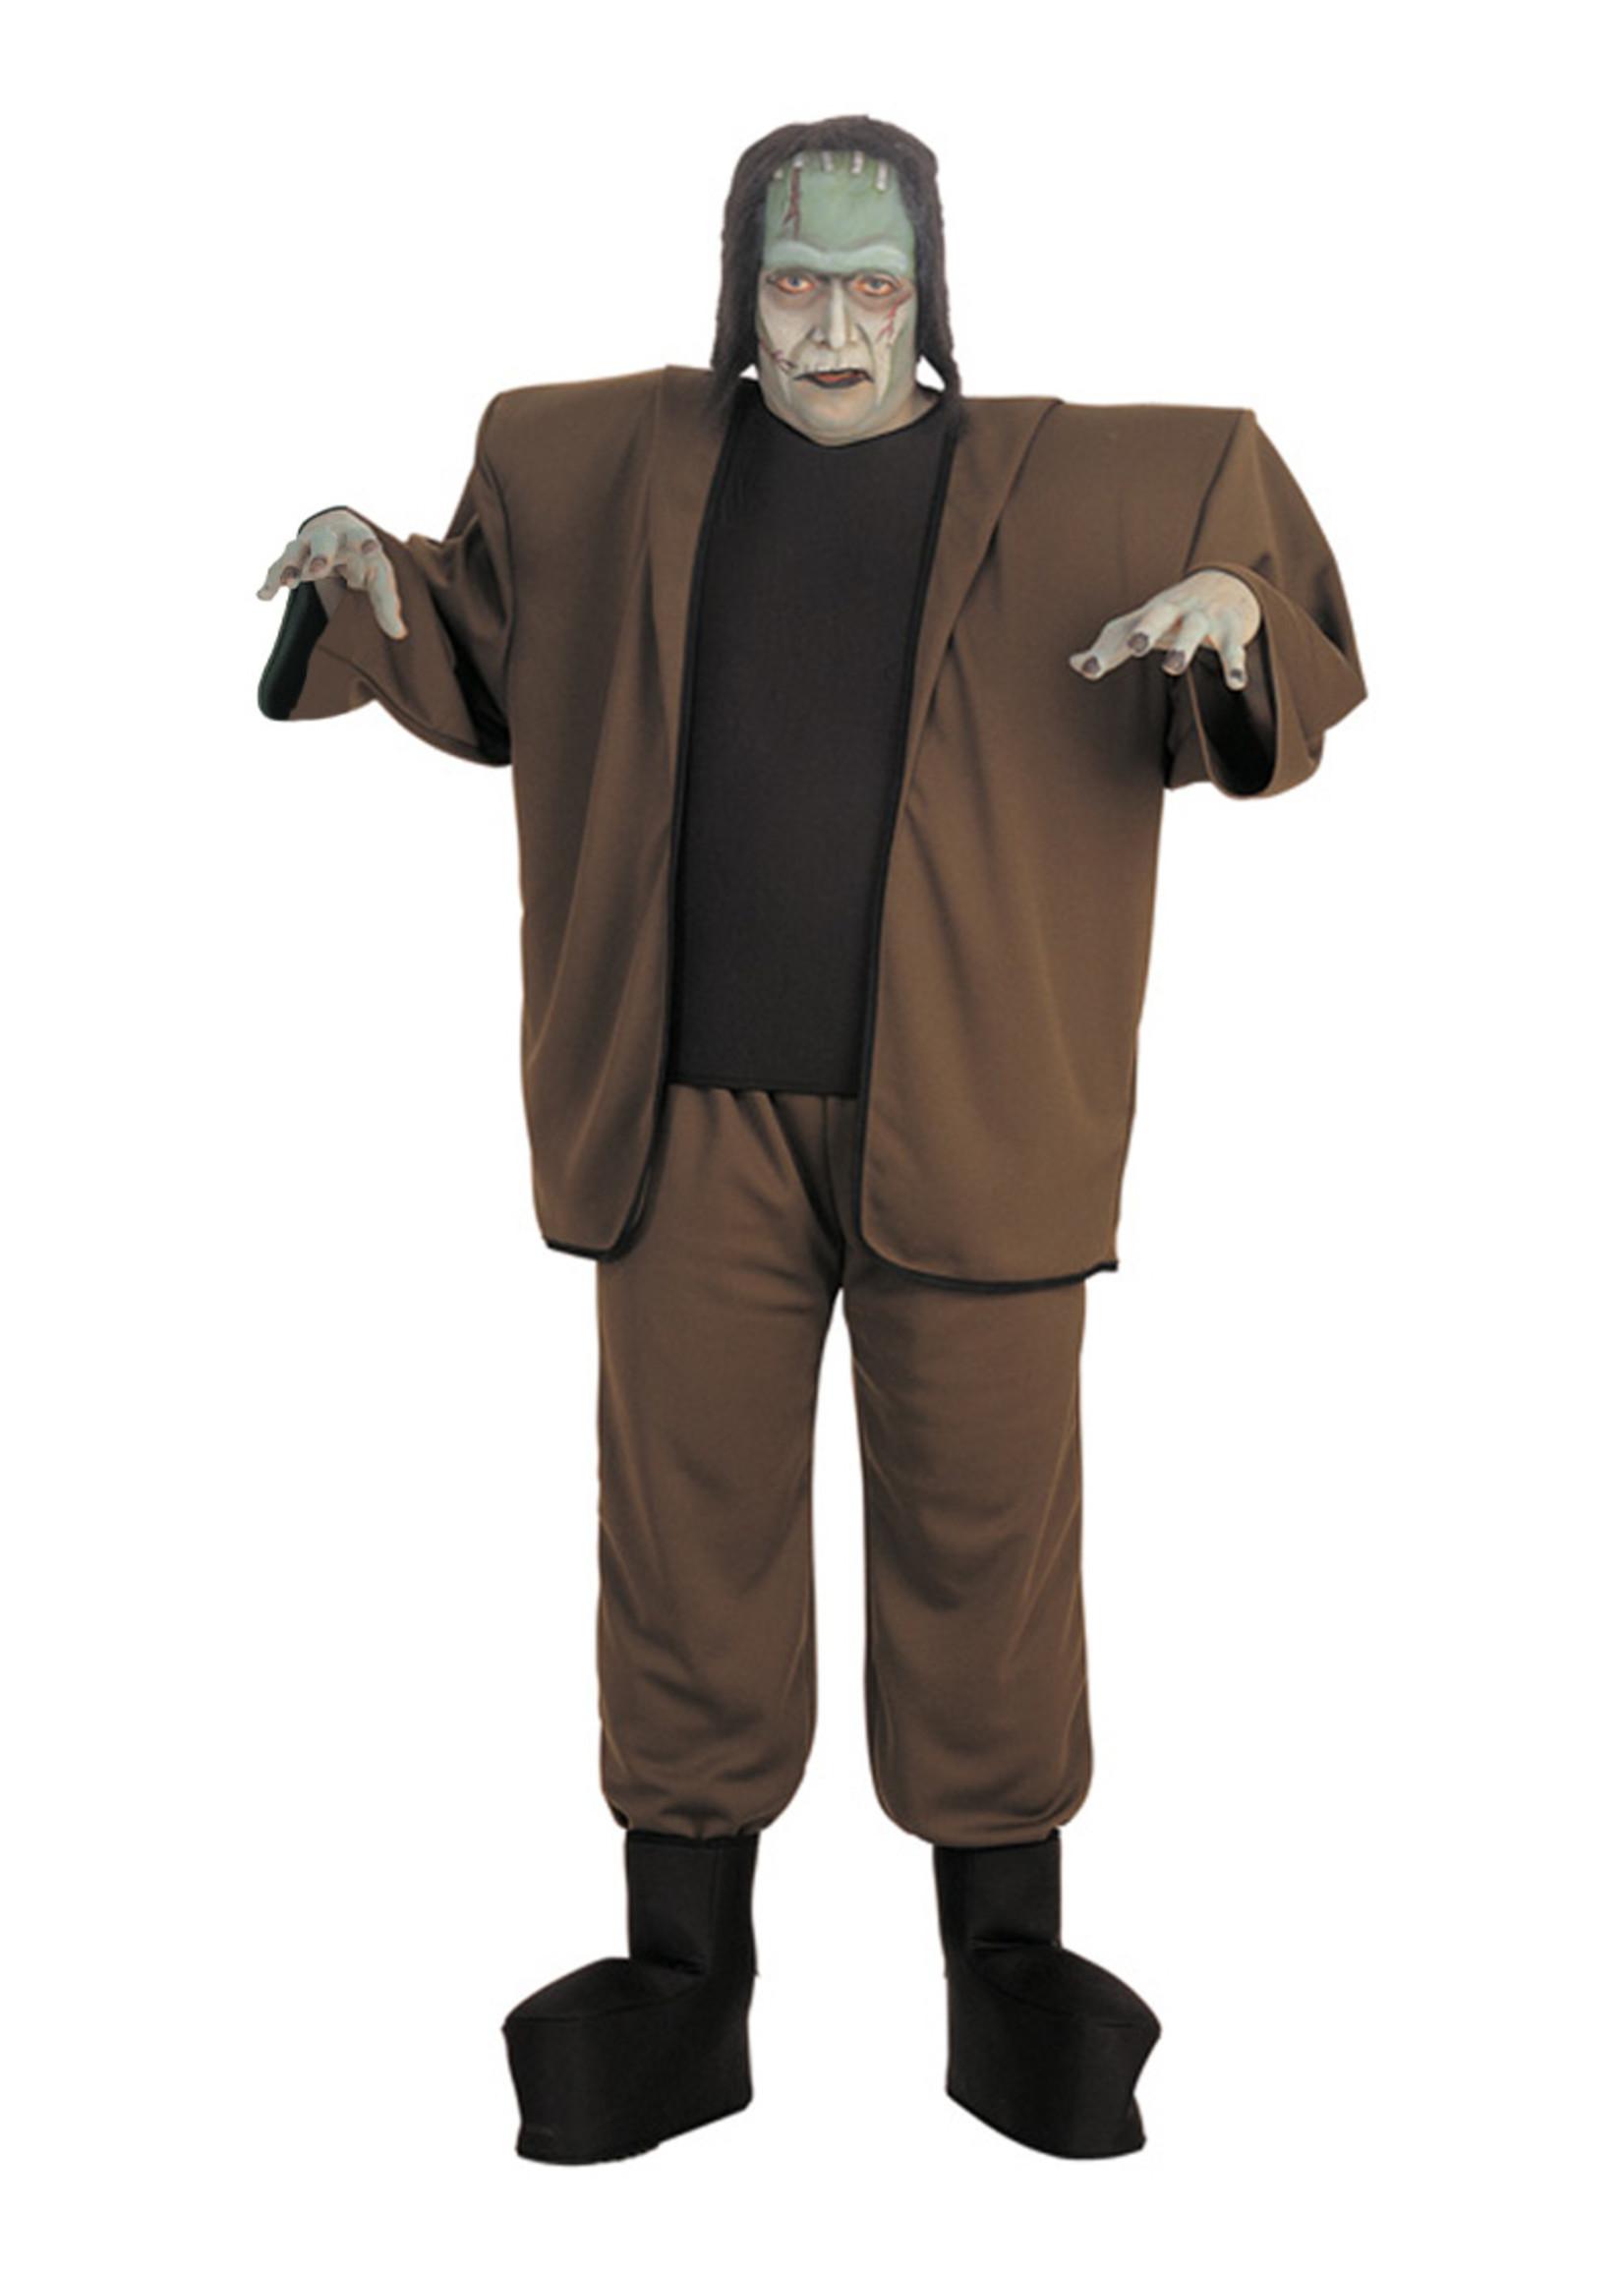 Frankenstein Costume - Men's Plus